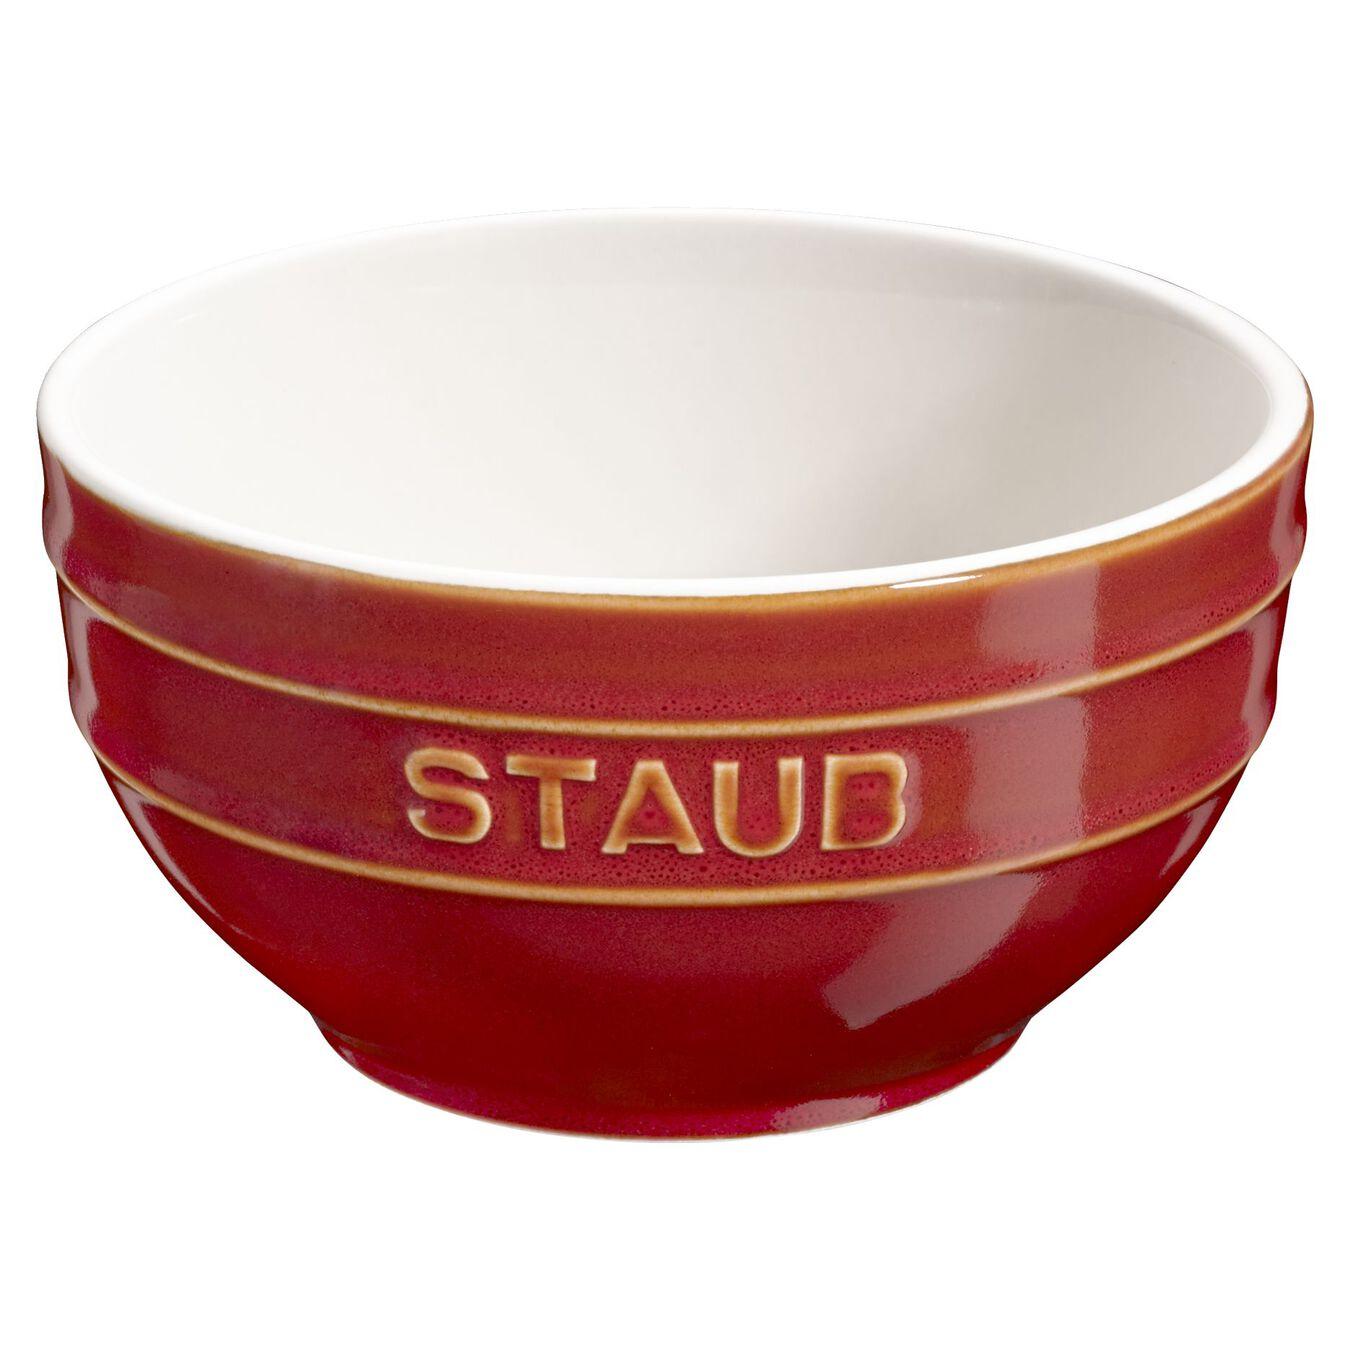 14 cm Ceramic round Bowl, Ancient-Copper,,large 1